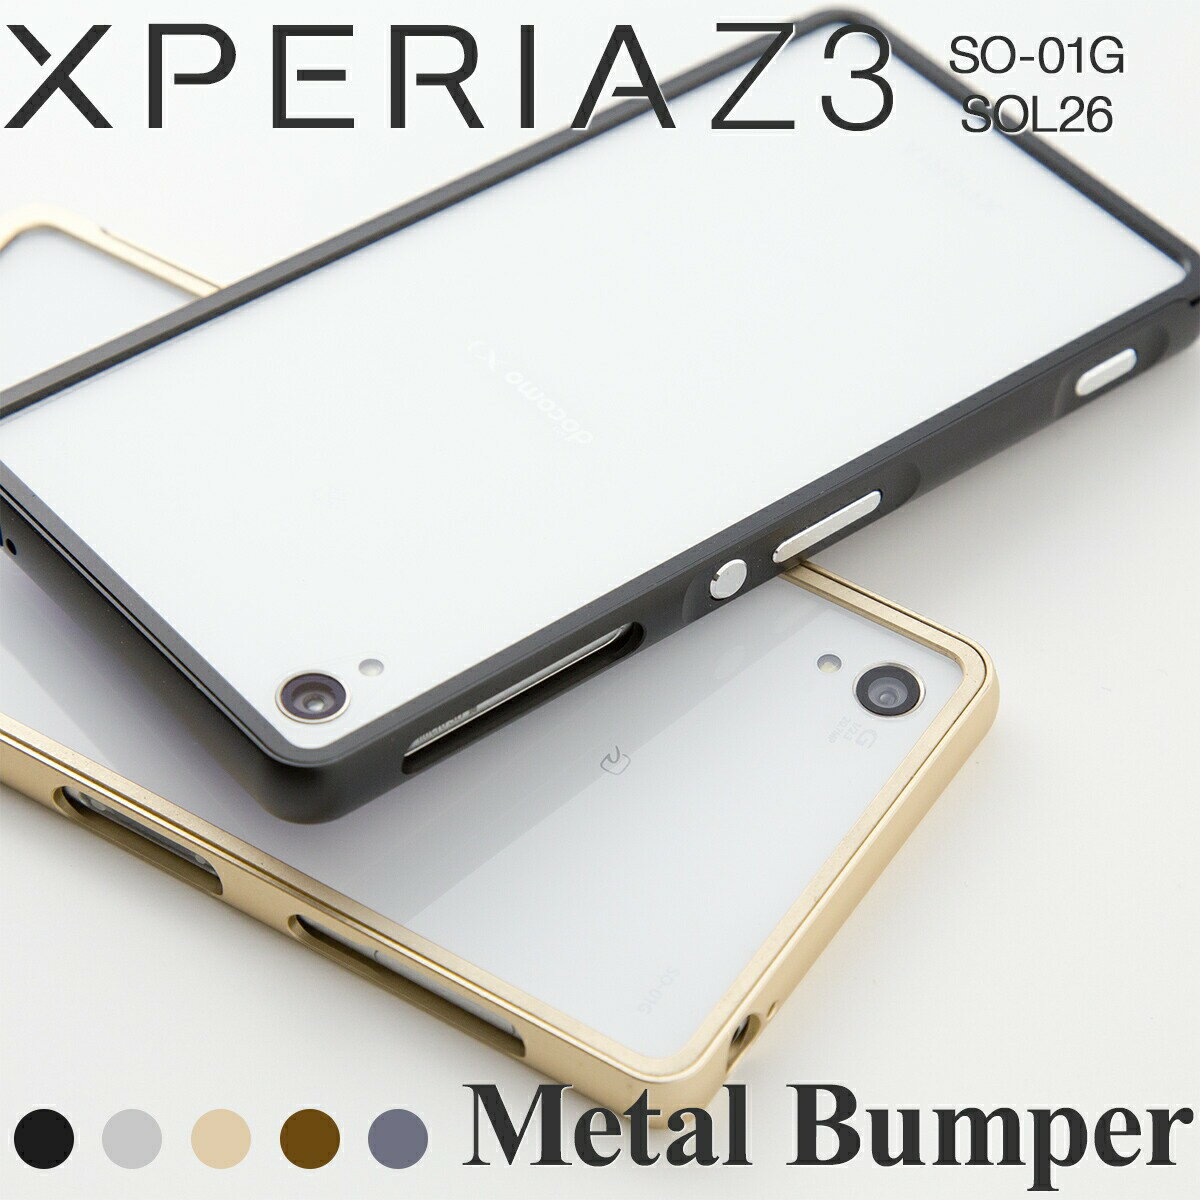 送料無料 Xperia Z3 エクスペリアZ3 SO-01G/SOL26 アルミメタルバンパー アルミ メタルケース メタルバンパー バンパーケース スマホケース スマホ スマートフォン スマホカバー Android アンドロイド エクスペリア Xperia Z3